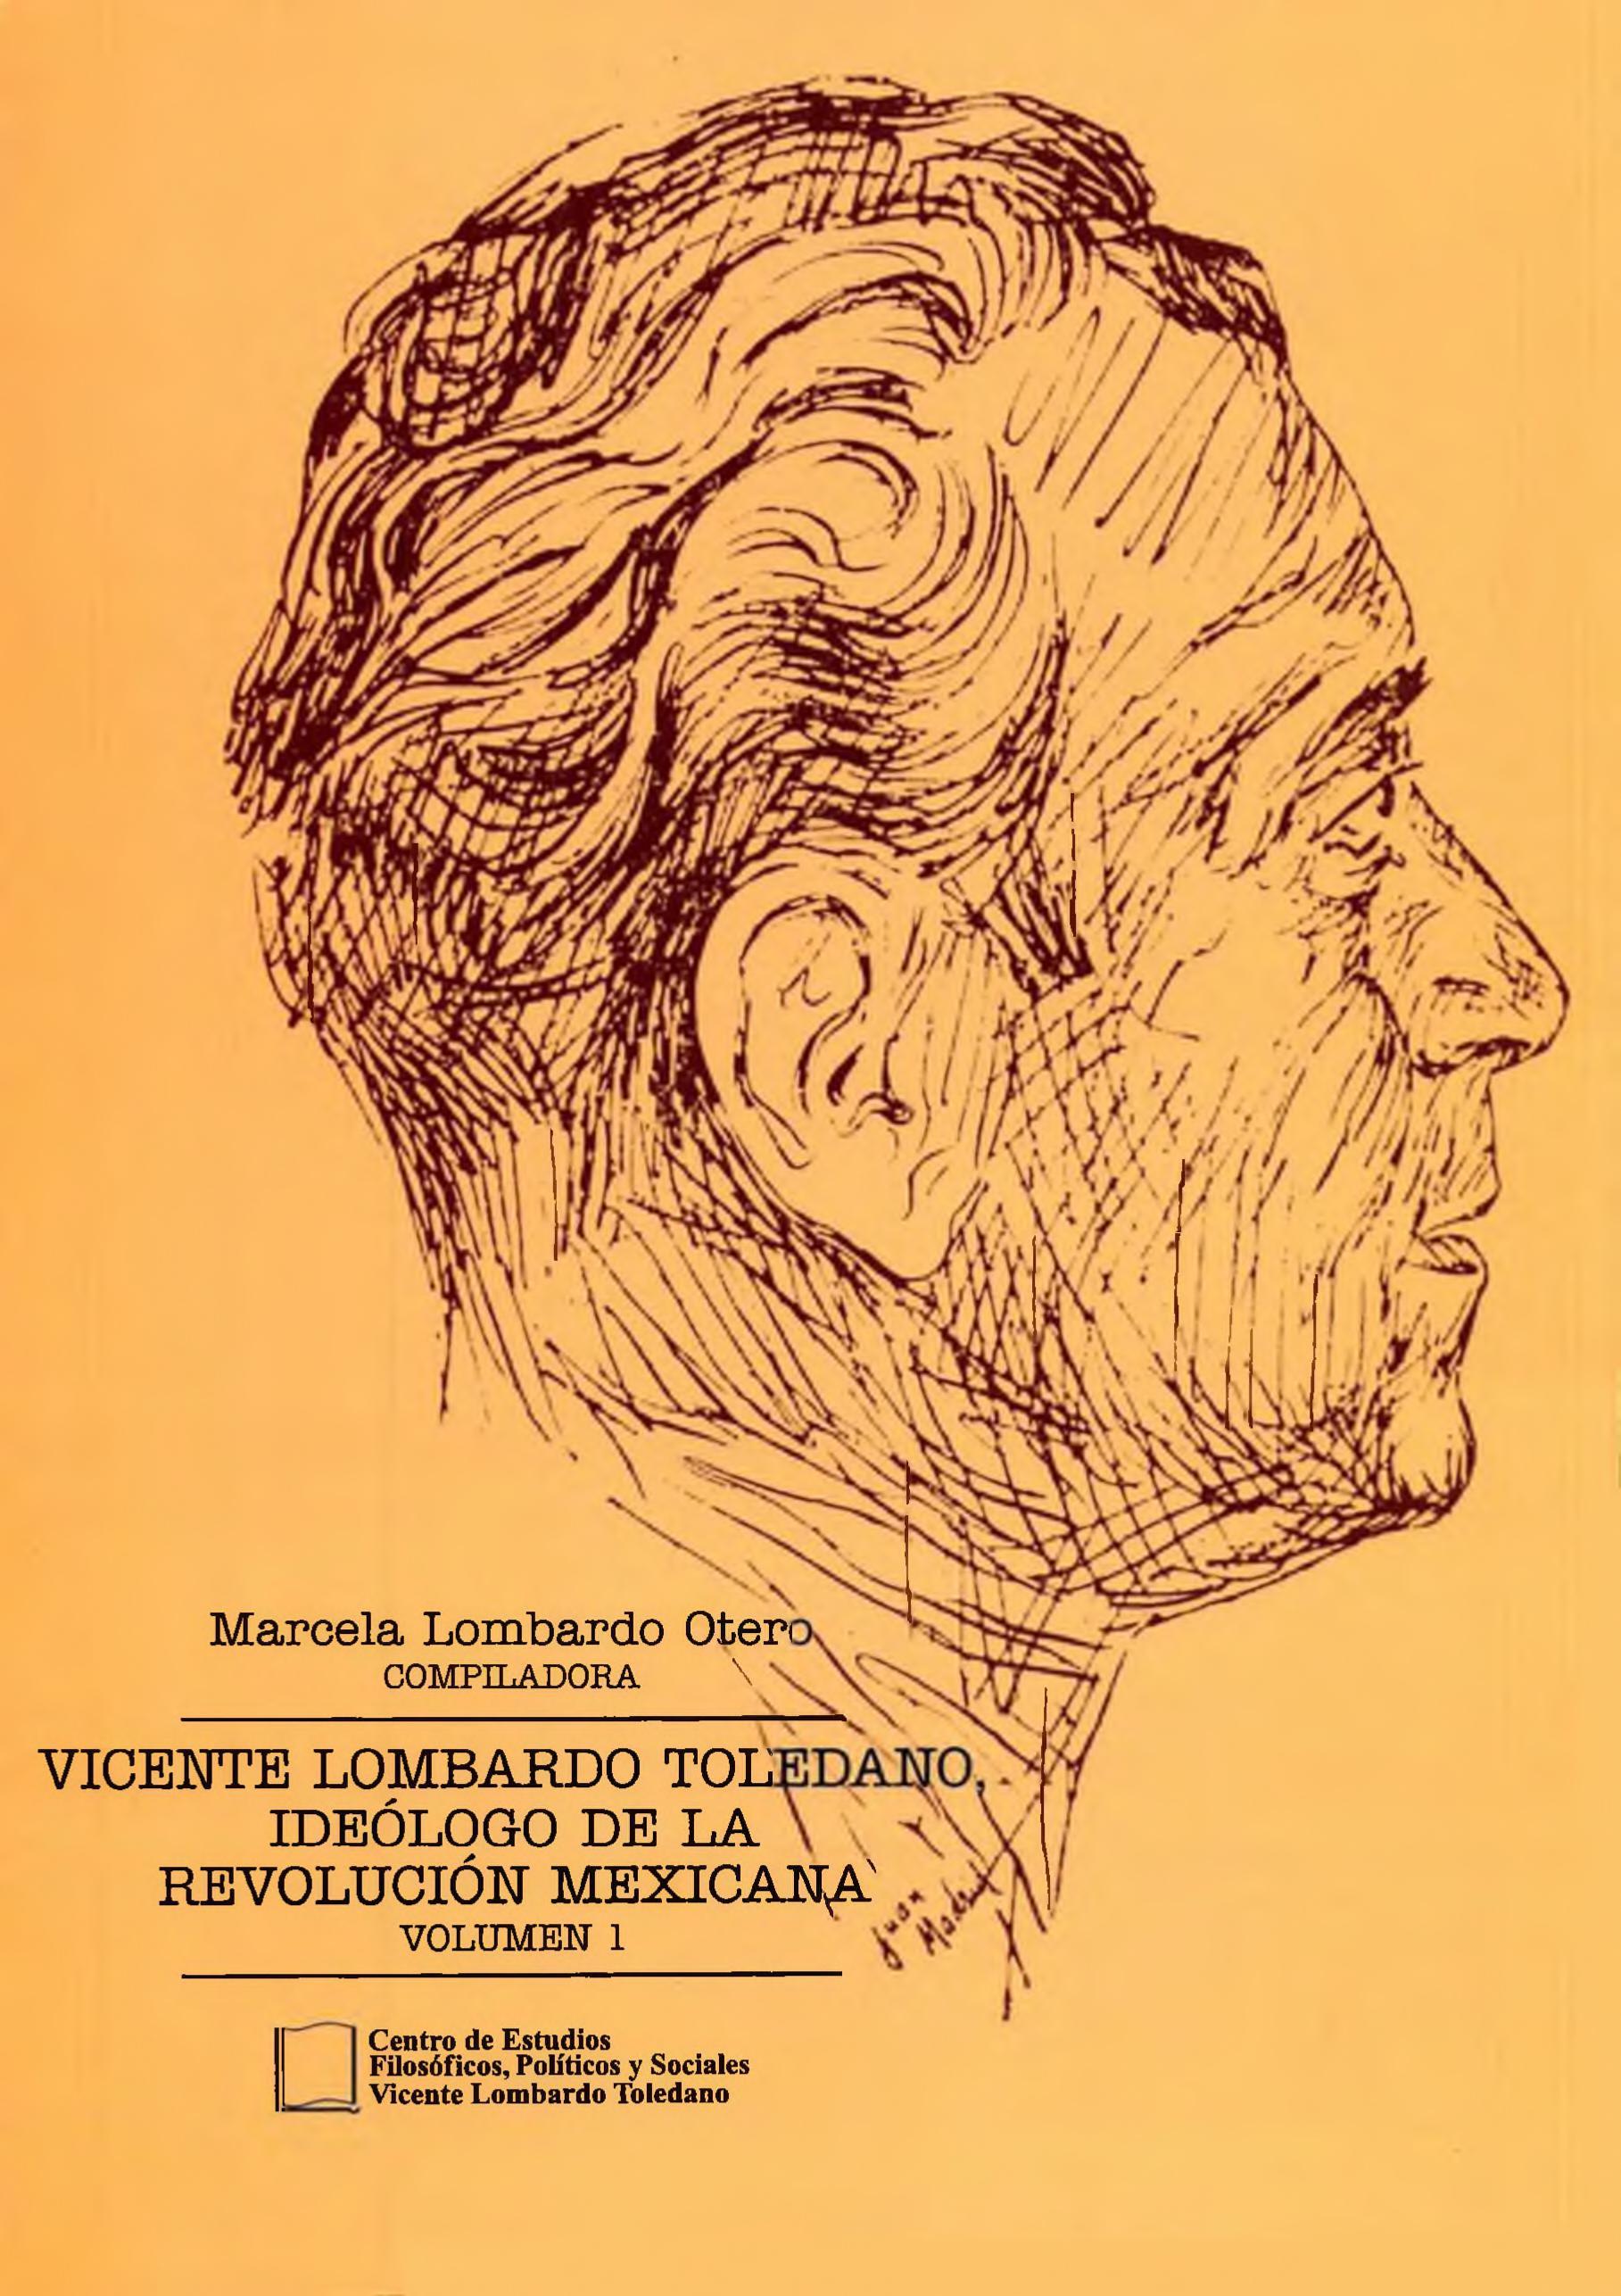 Portada del libro: Vicente Lombardo Toledano, ideólogo de la Revolución Mexicana. Vol. 1